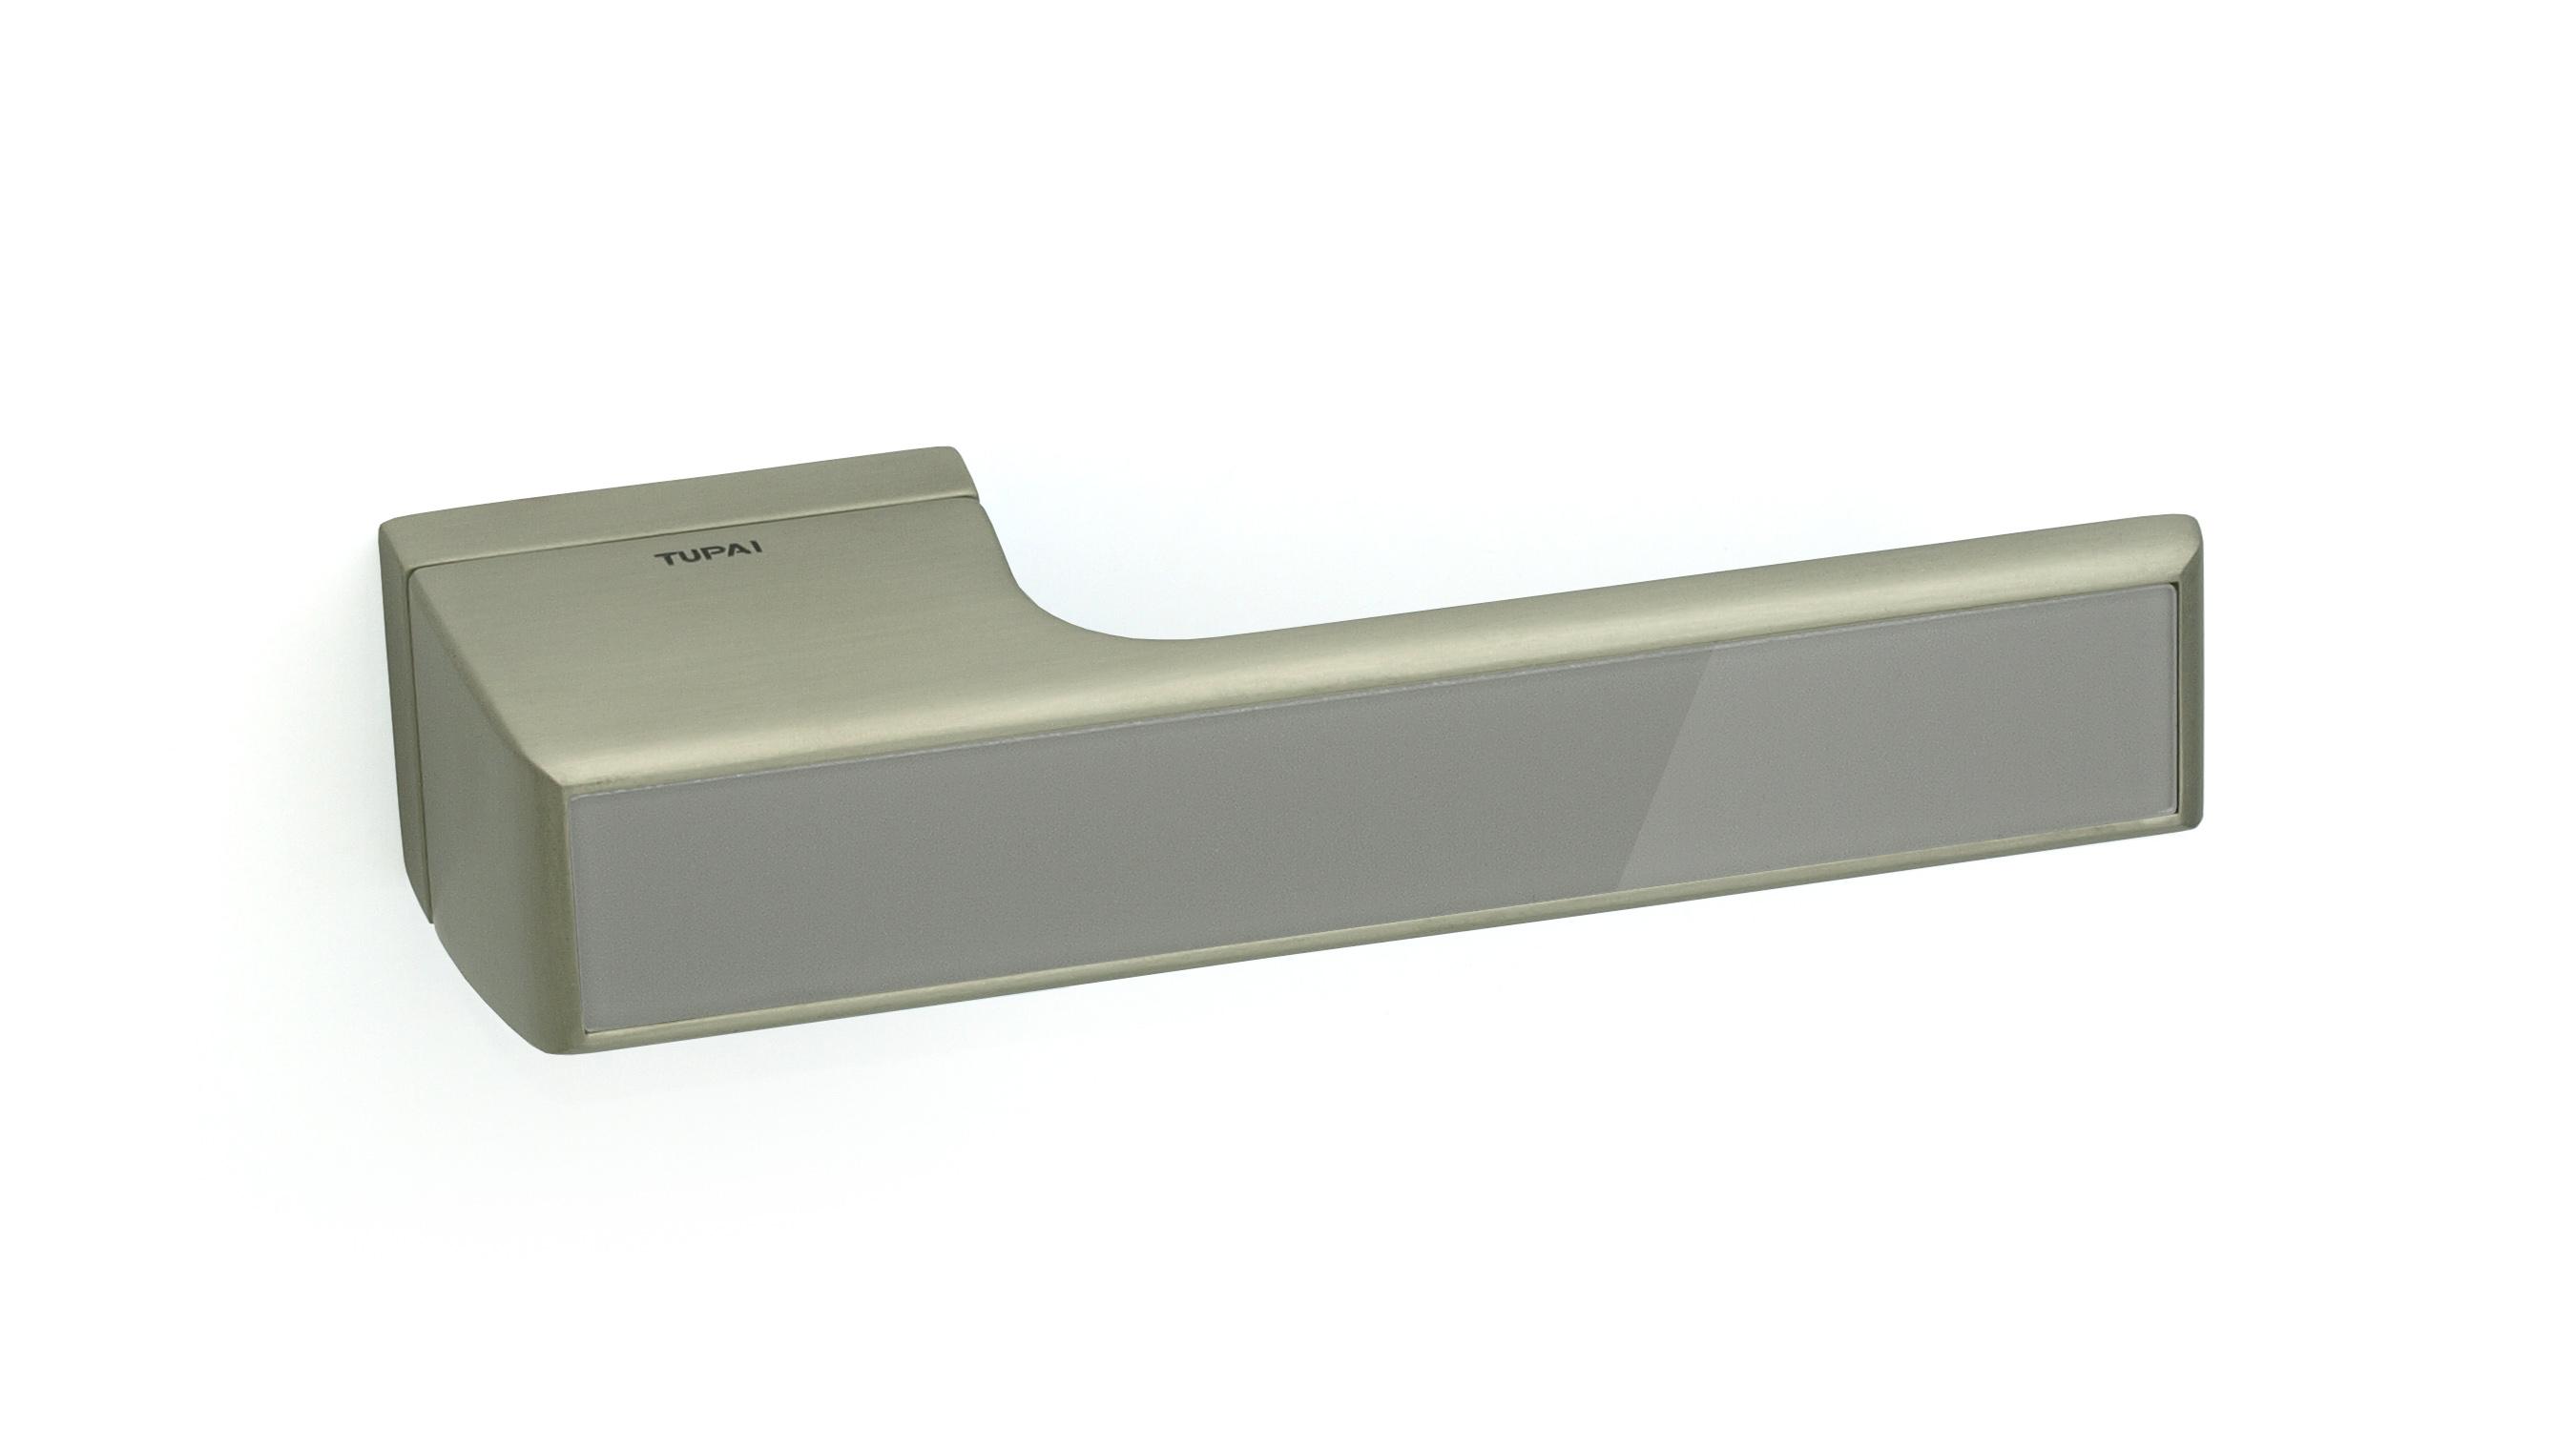 3089RT-142-gray